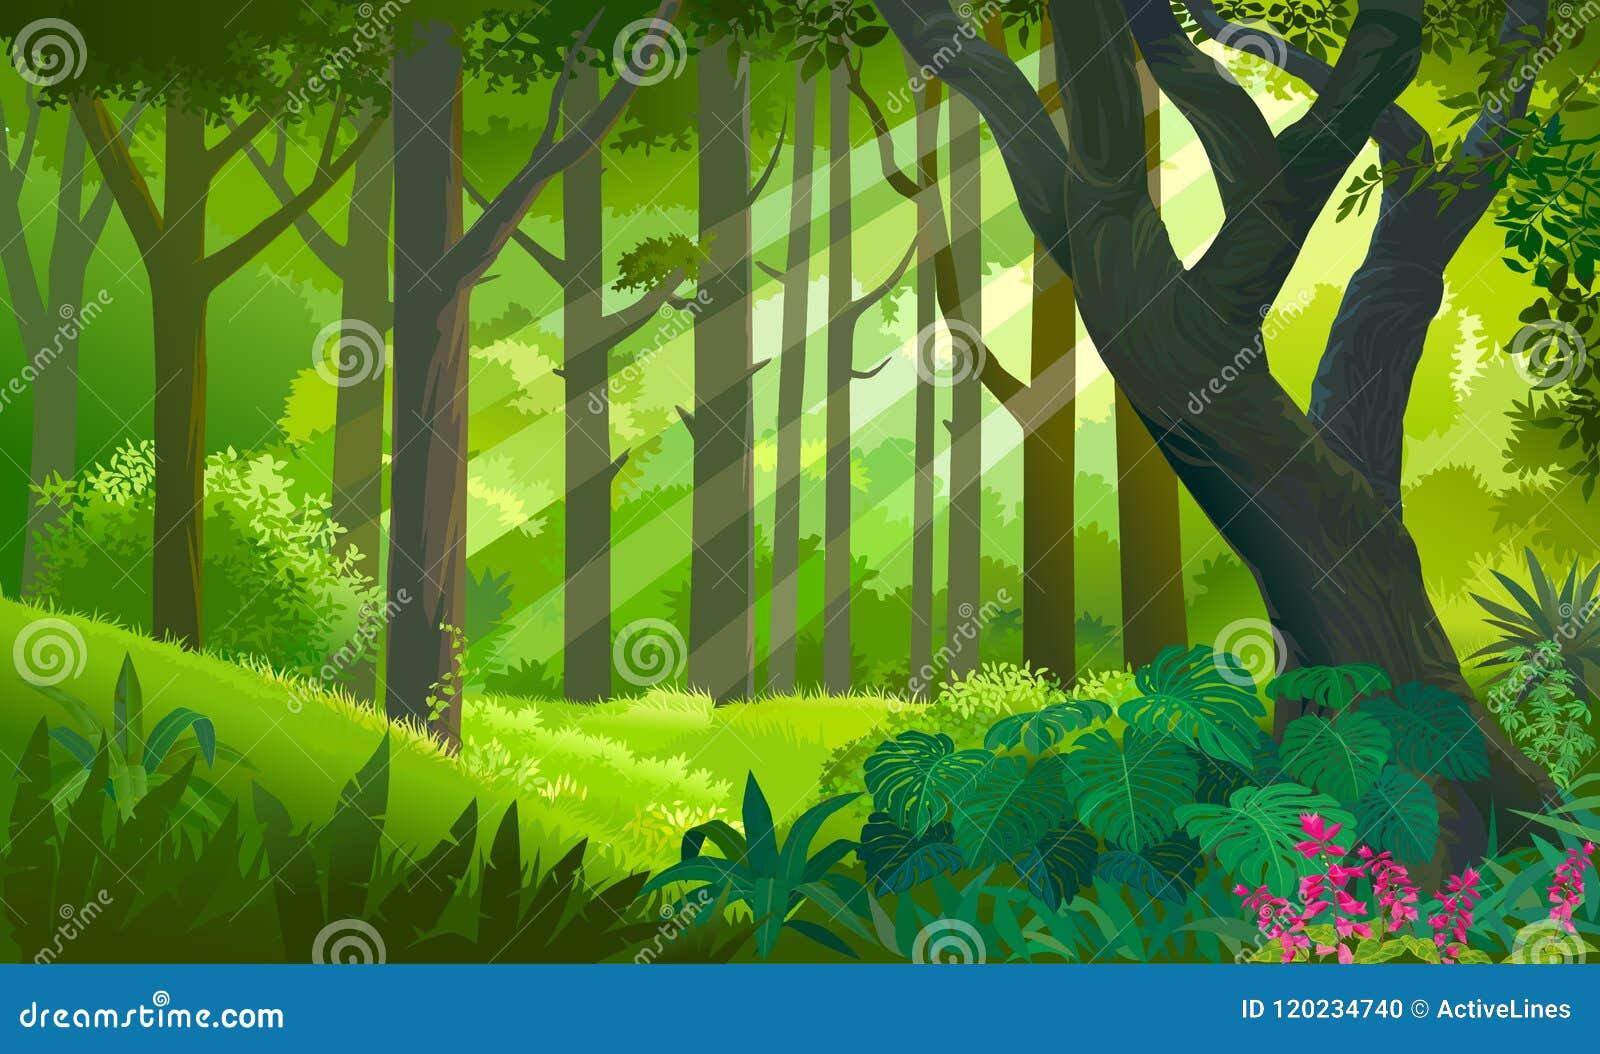 Πολύβλαστο πυκνό πράσινο δάσος με τις ακτίνες ήλιων σχετικά με τις εγκαταστάσεις και τα δέντρα